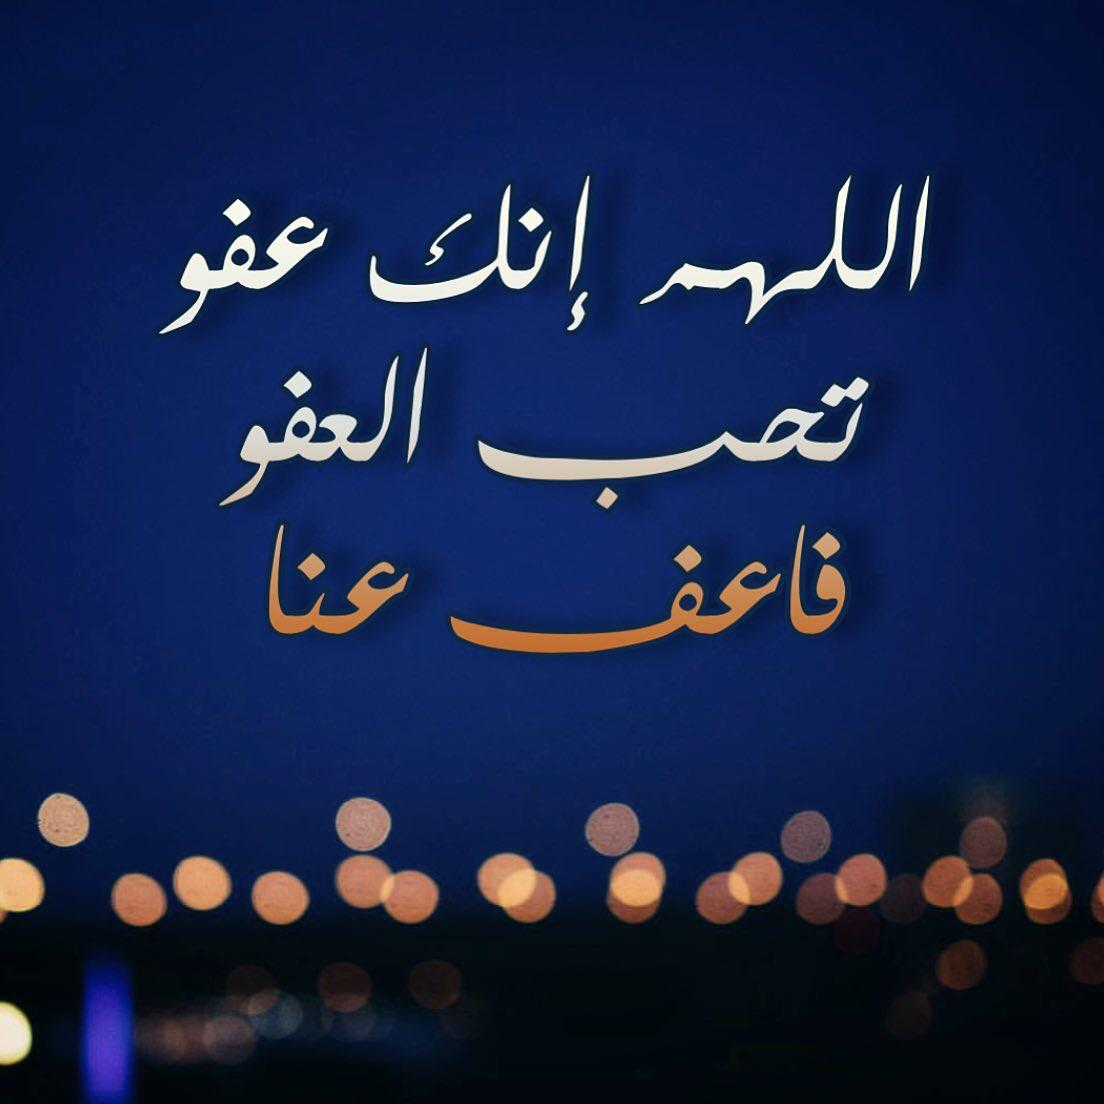 صورة ادعية ليلة القدر مكتوبة , دعاء خير ليالي شهر رمضان 527 1